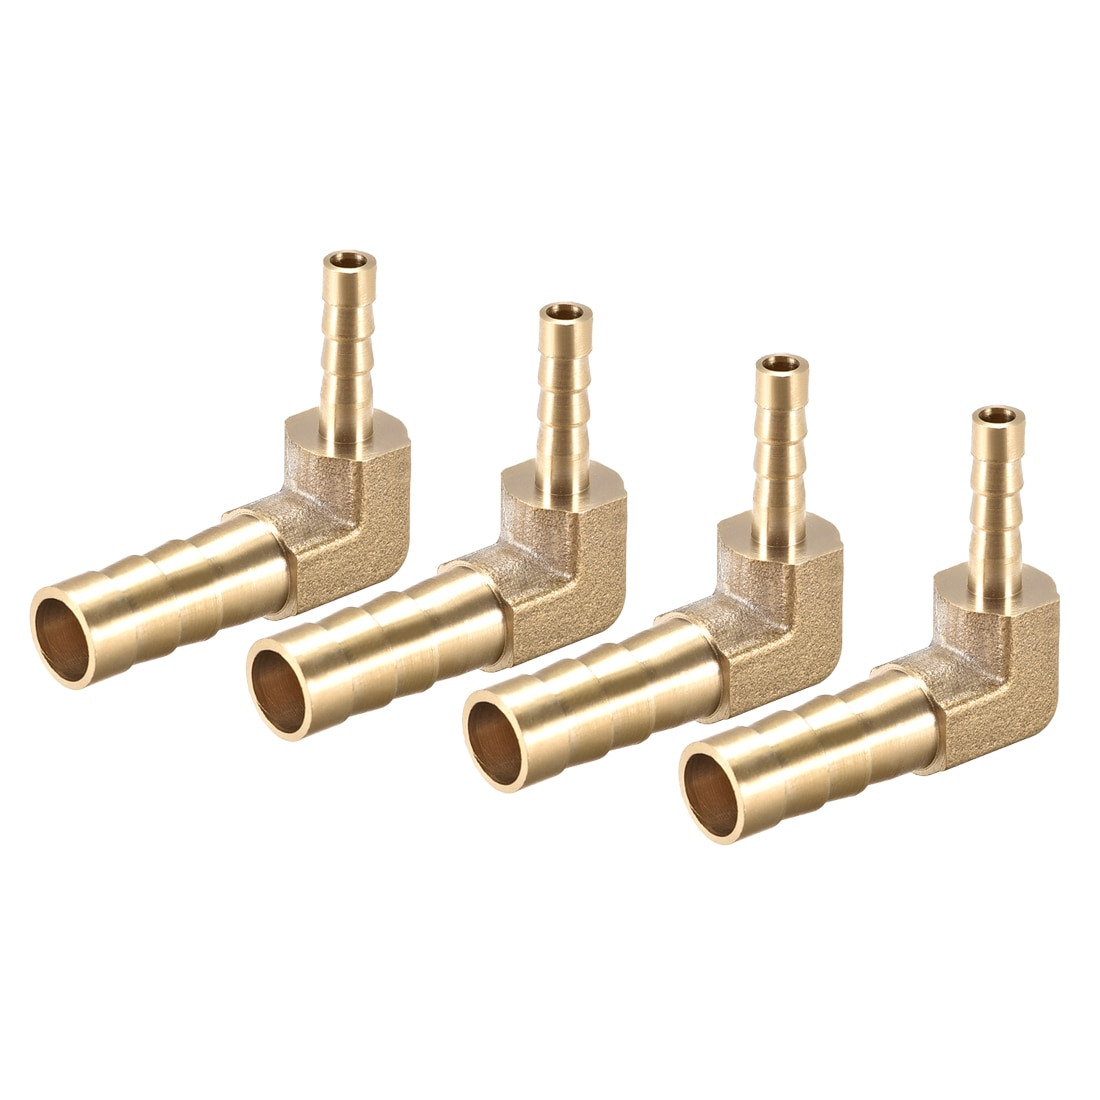 Adaptador de tubulação do acoplador do conector da tubulação do cotovelo de 90 graus para o ar, água, combustível uxcell 4 pces 8mm a 4mm